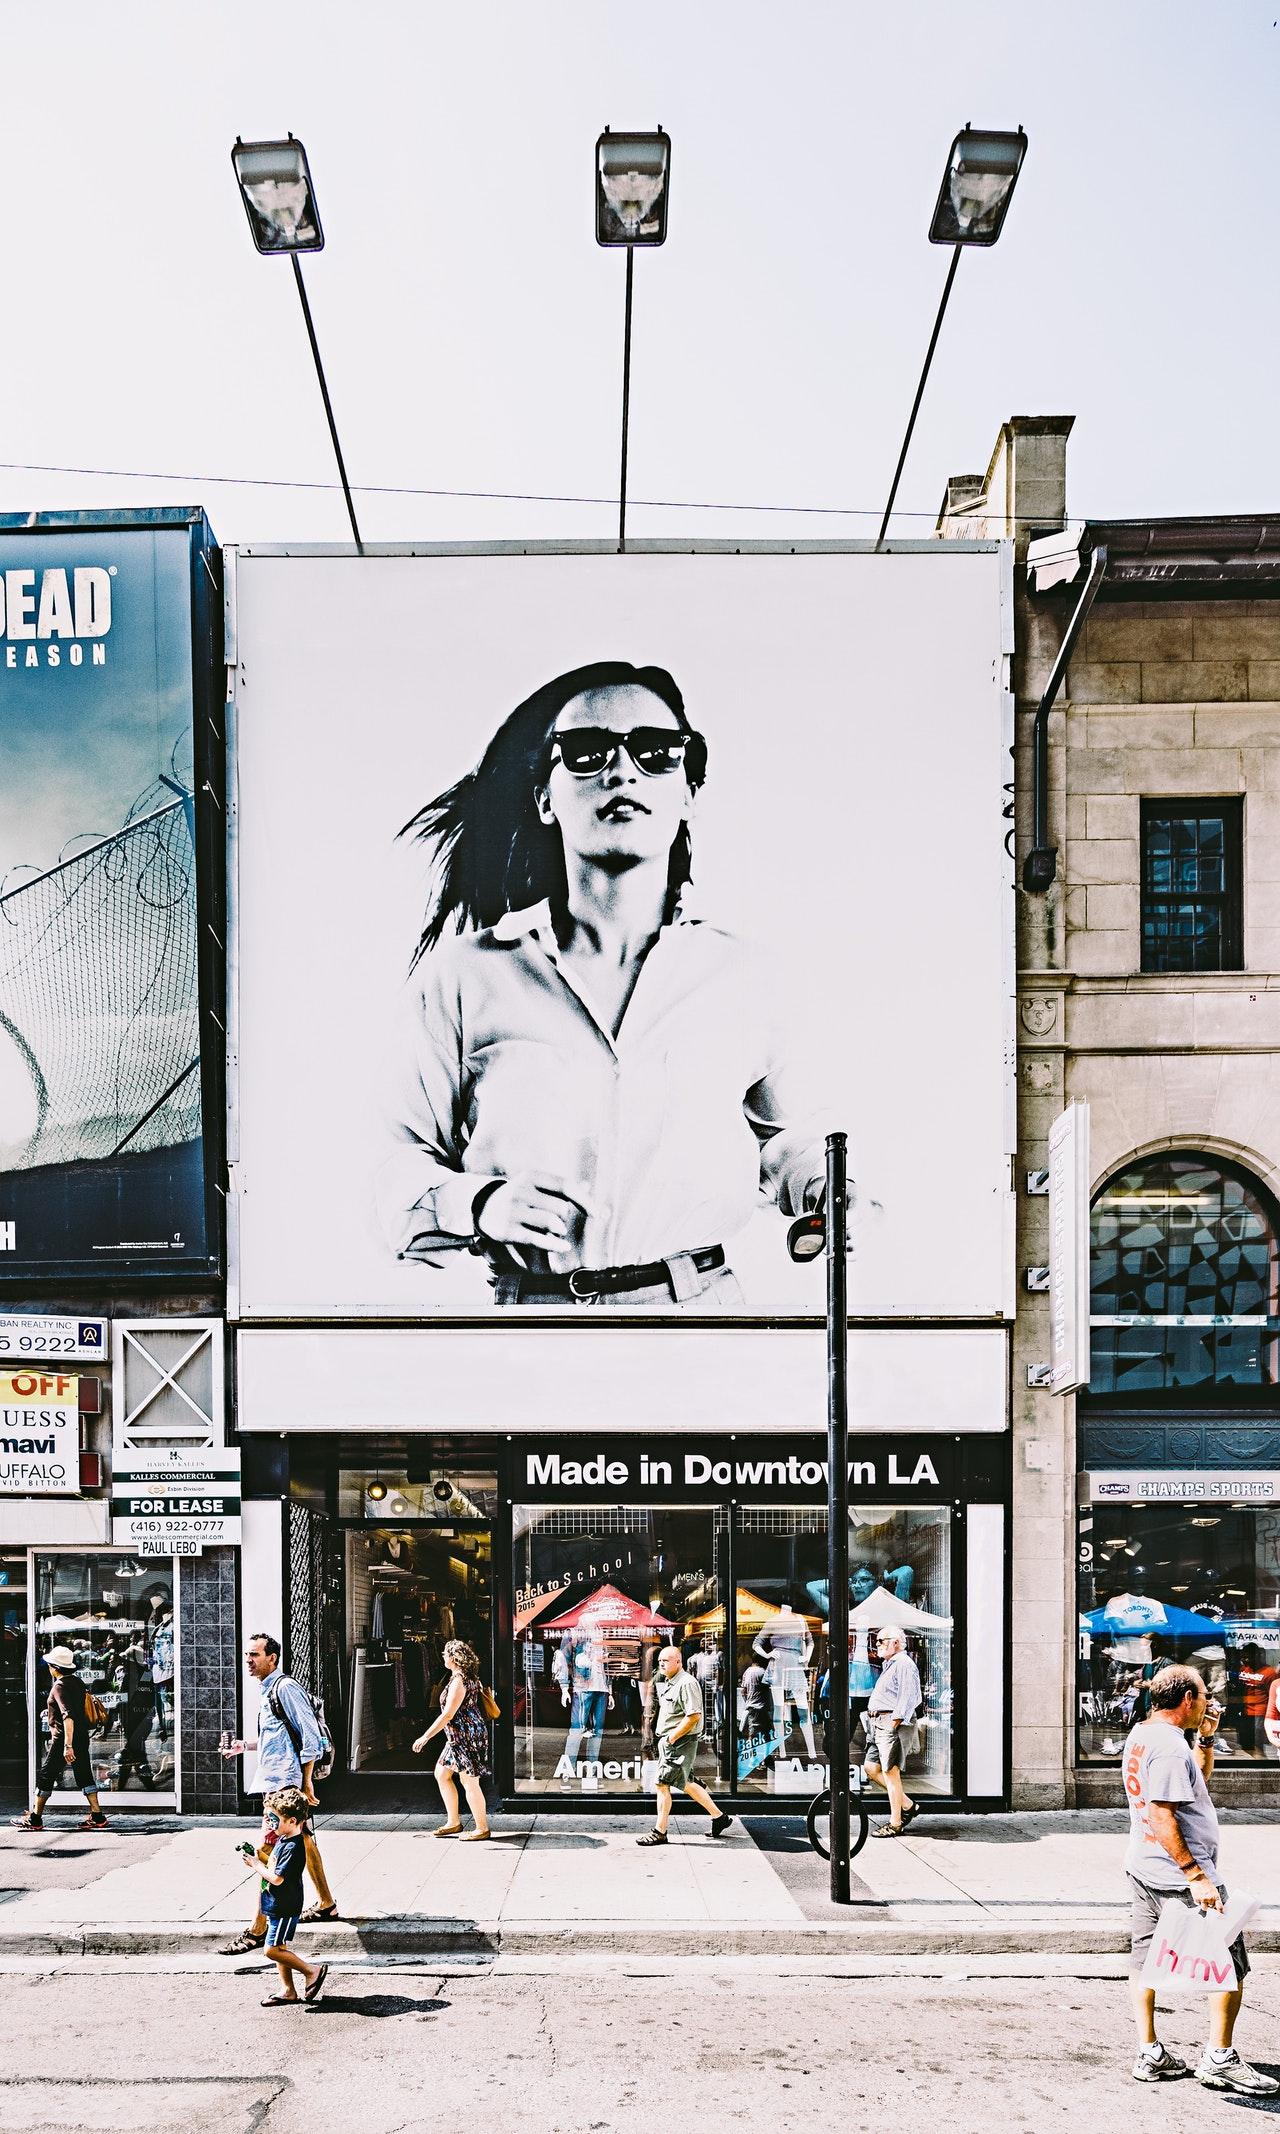 large billboard in busy street